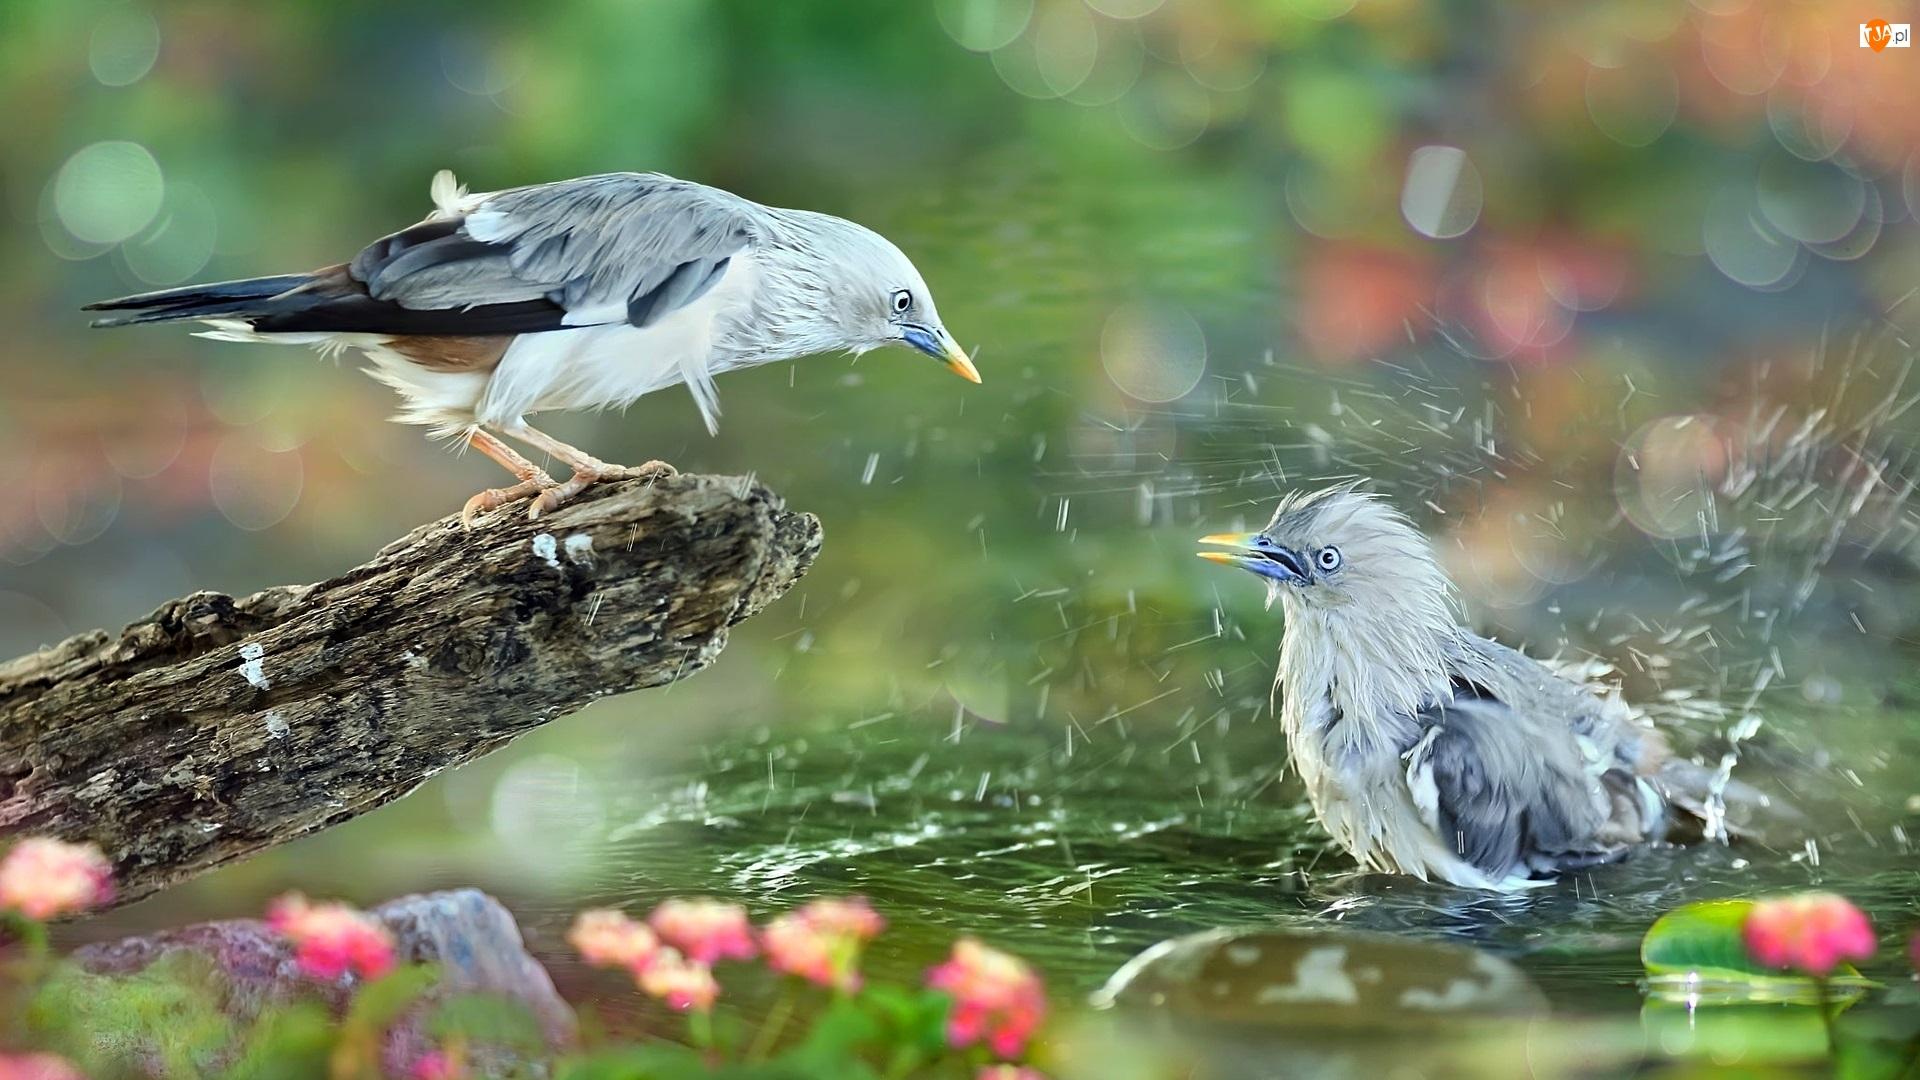 Ptaki, Kąpiel, Gałąź, Woda